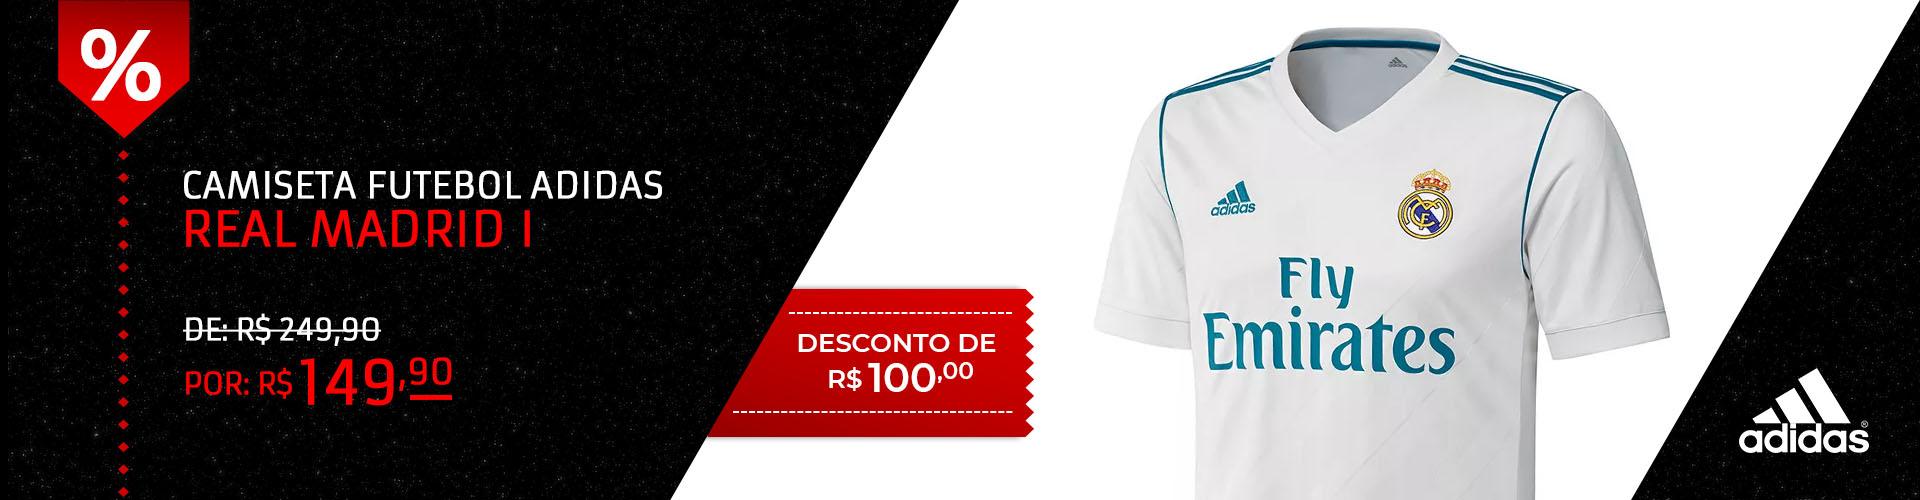 1920x500 | Banner Vestuario Full